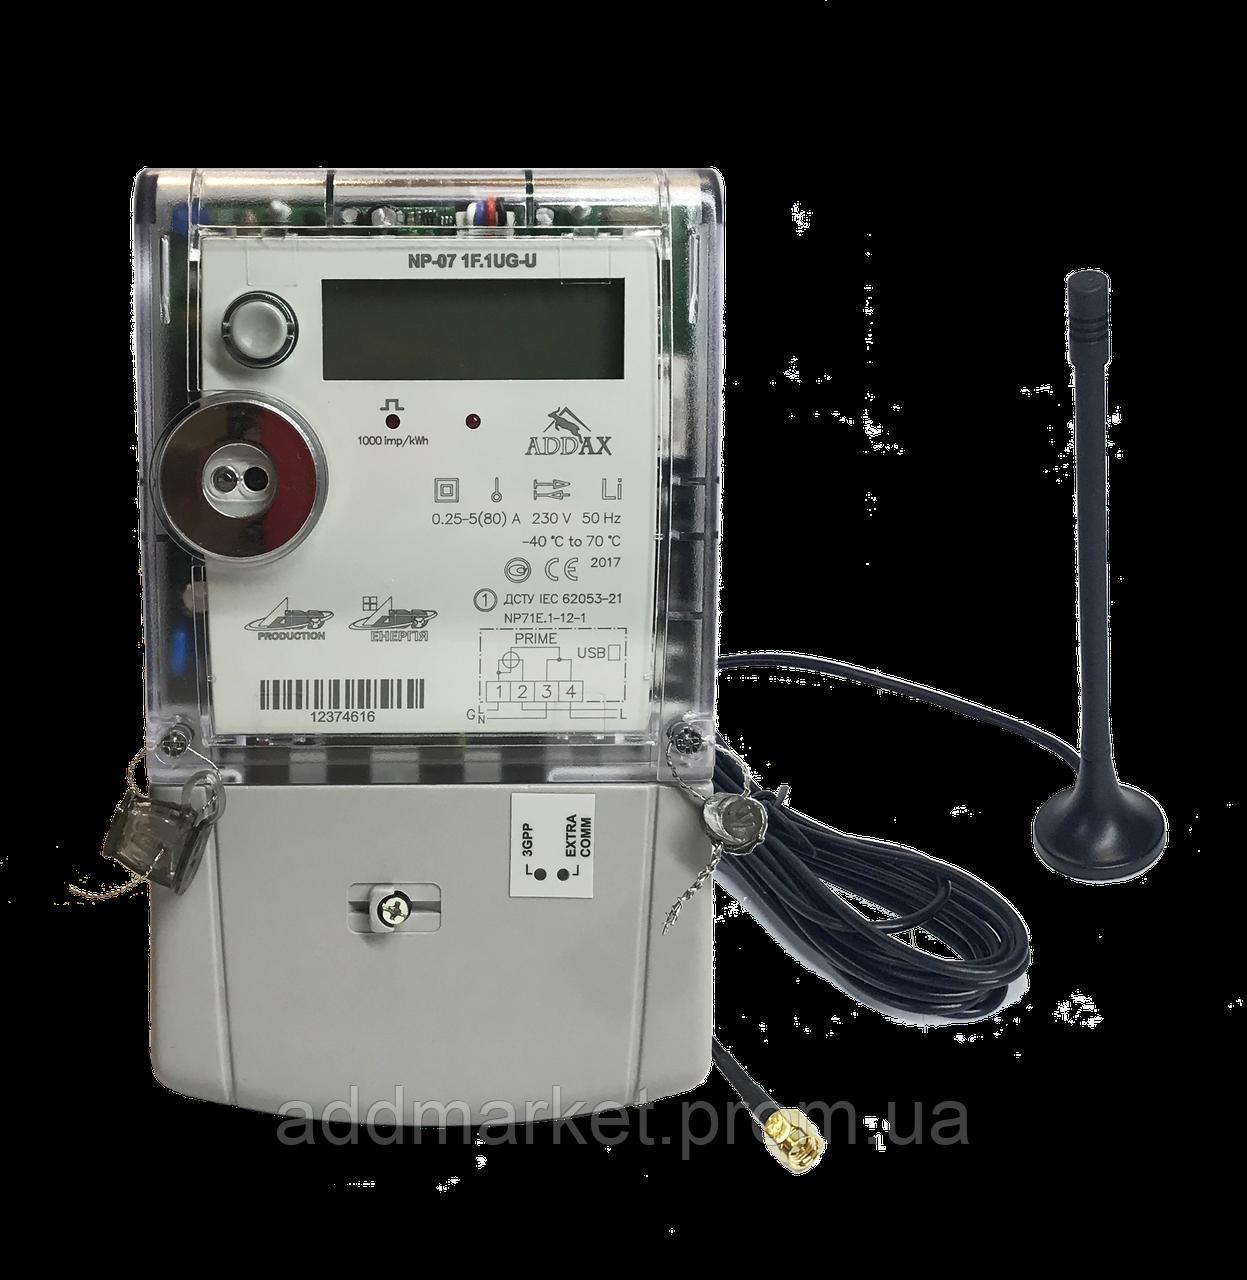 Електролічильник однофазний багатотарифний NP-07 1F.1UG-U, ADD , 80А з GPRS модулем